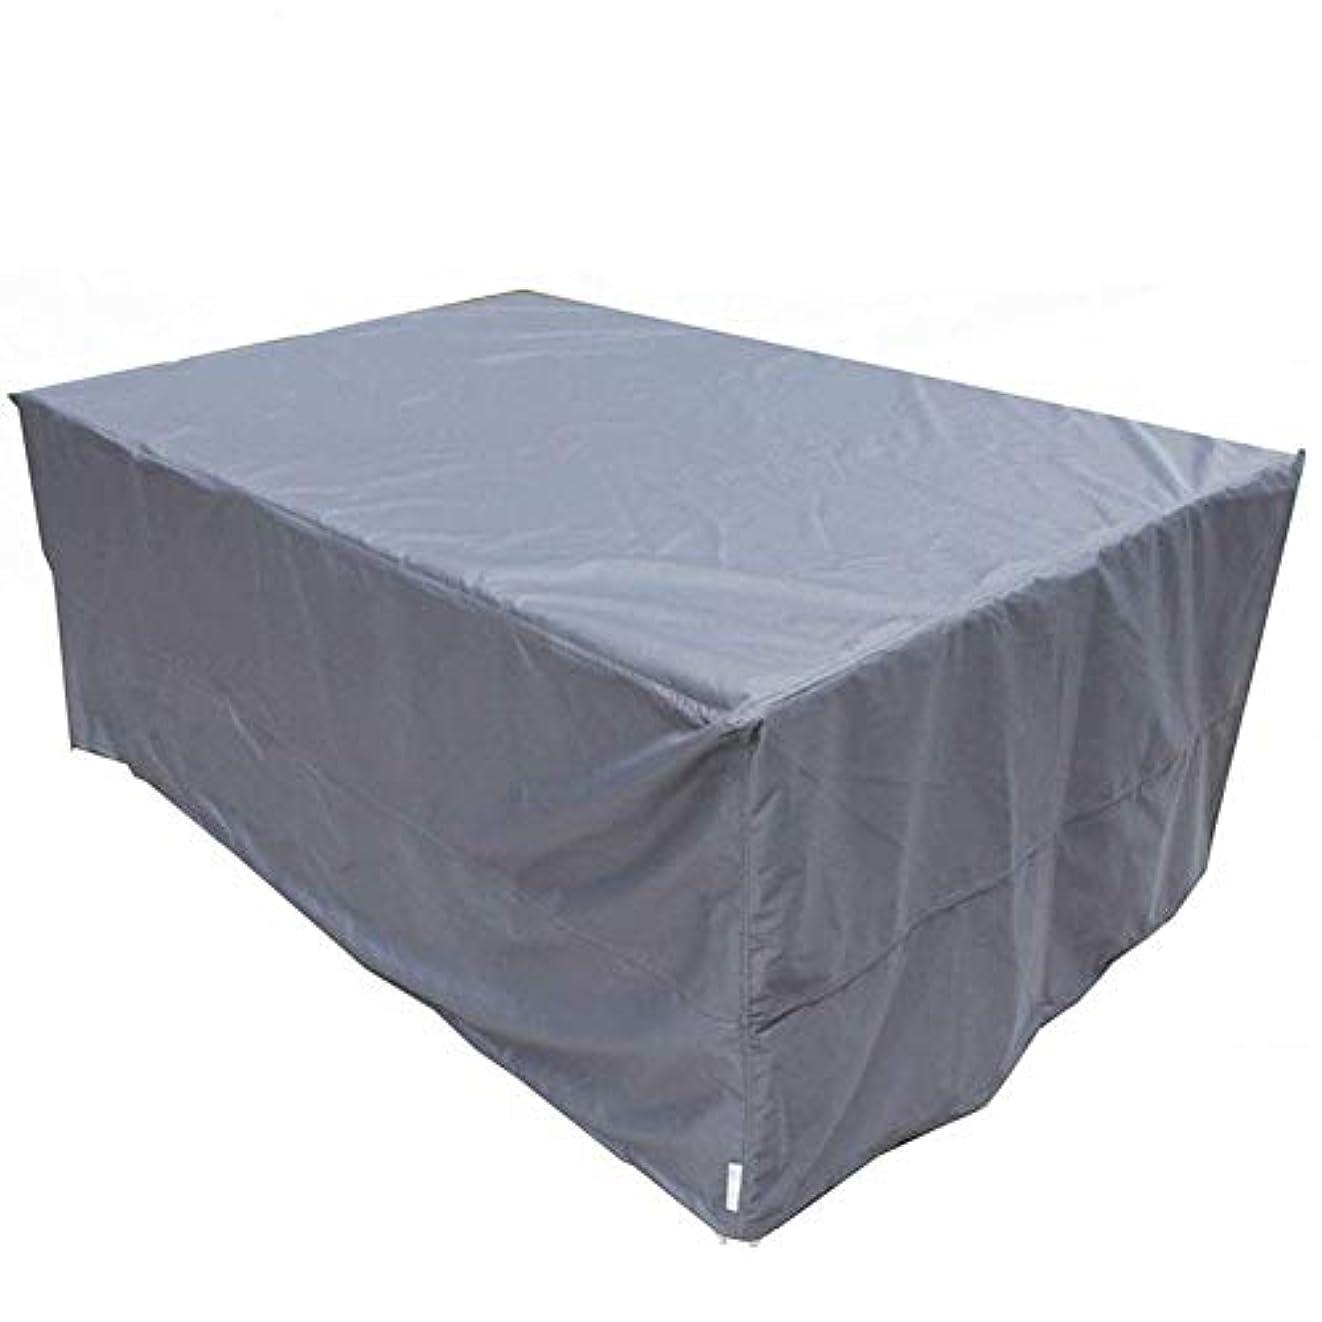 無法者インセンティブセッションLixingmingqi 屋外カメラカバー防塵防風保護カバー防水4ピースセット